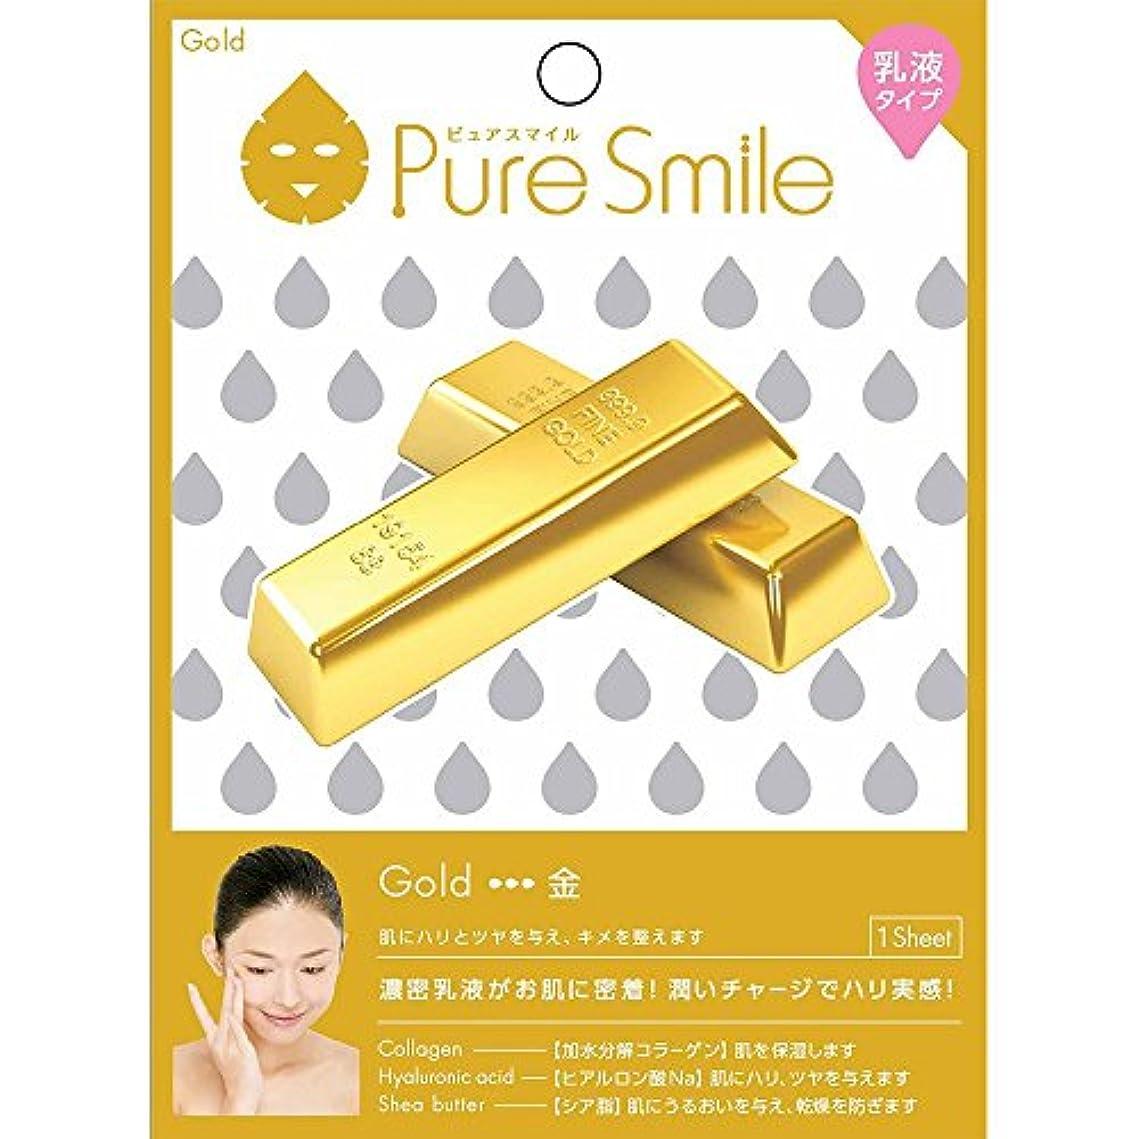 シミュレートする前書きデータムPure Smile(ピュアスマイル) 乳液エッセンスマスク 1 枚 金